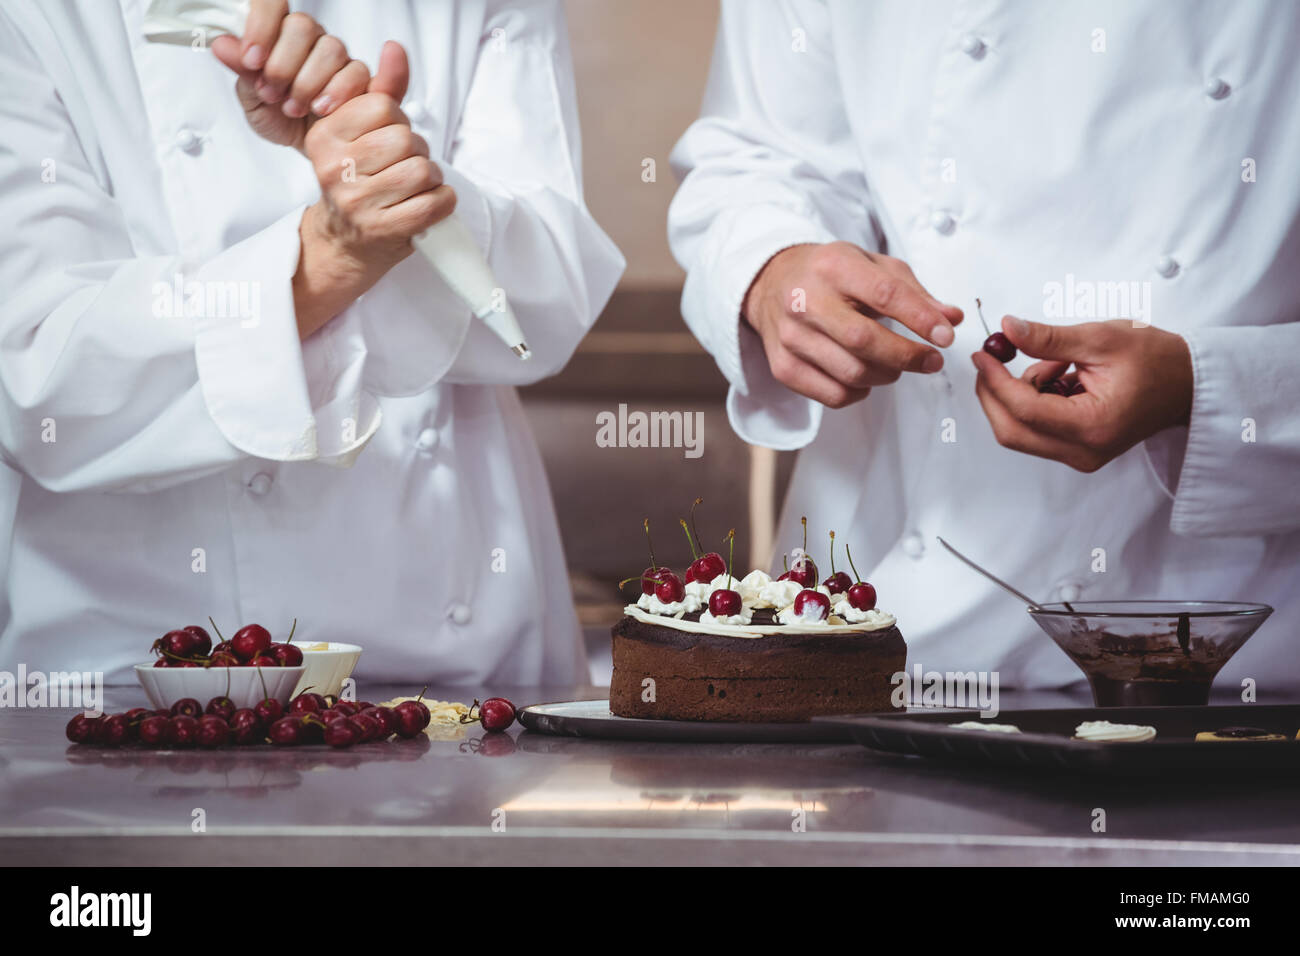 Los chefs decorar un pastel que acaba de hacer Imagen De Stock